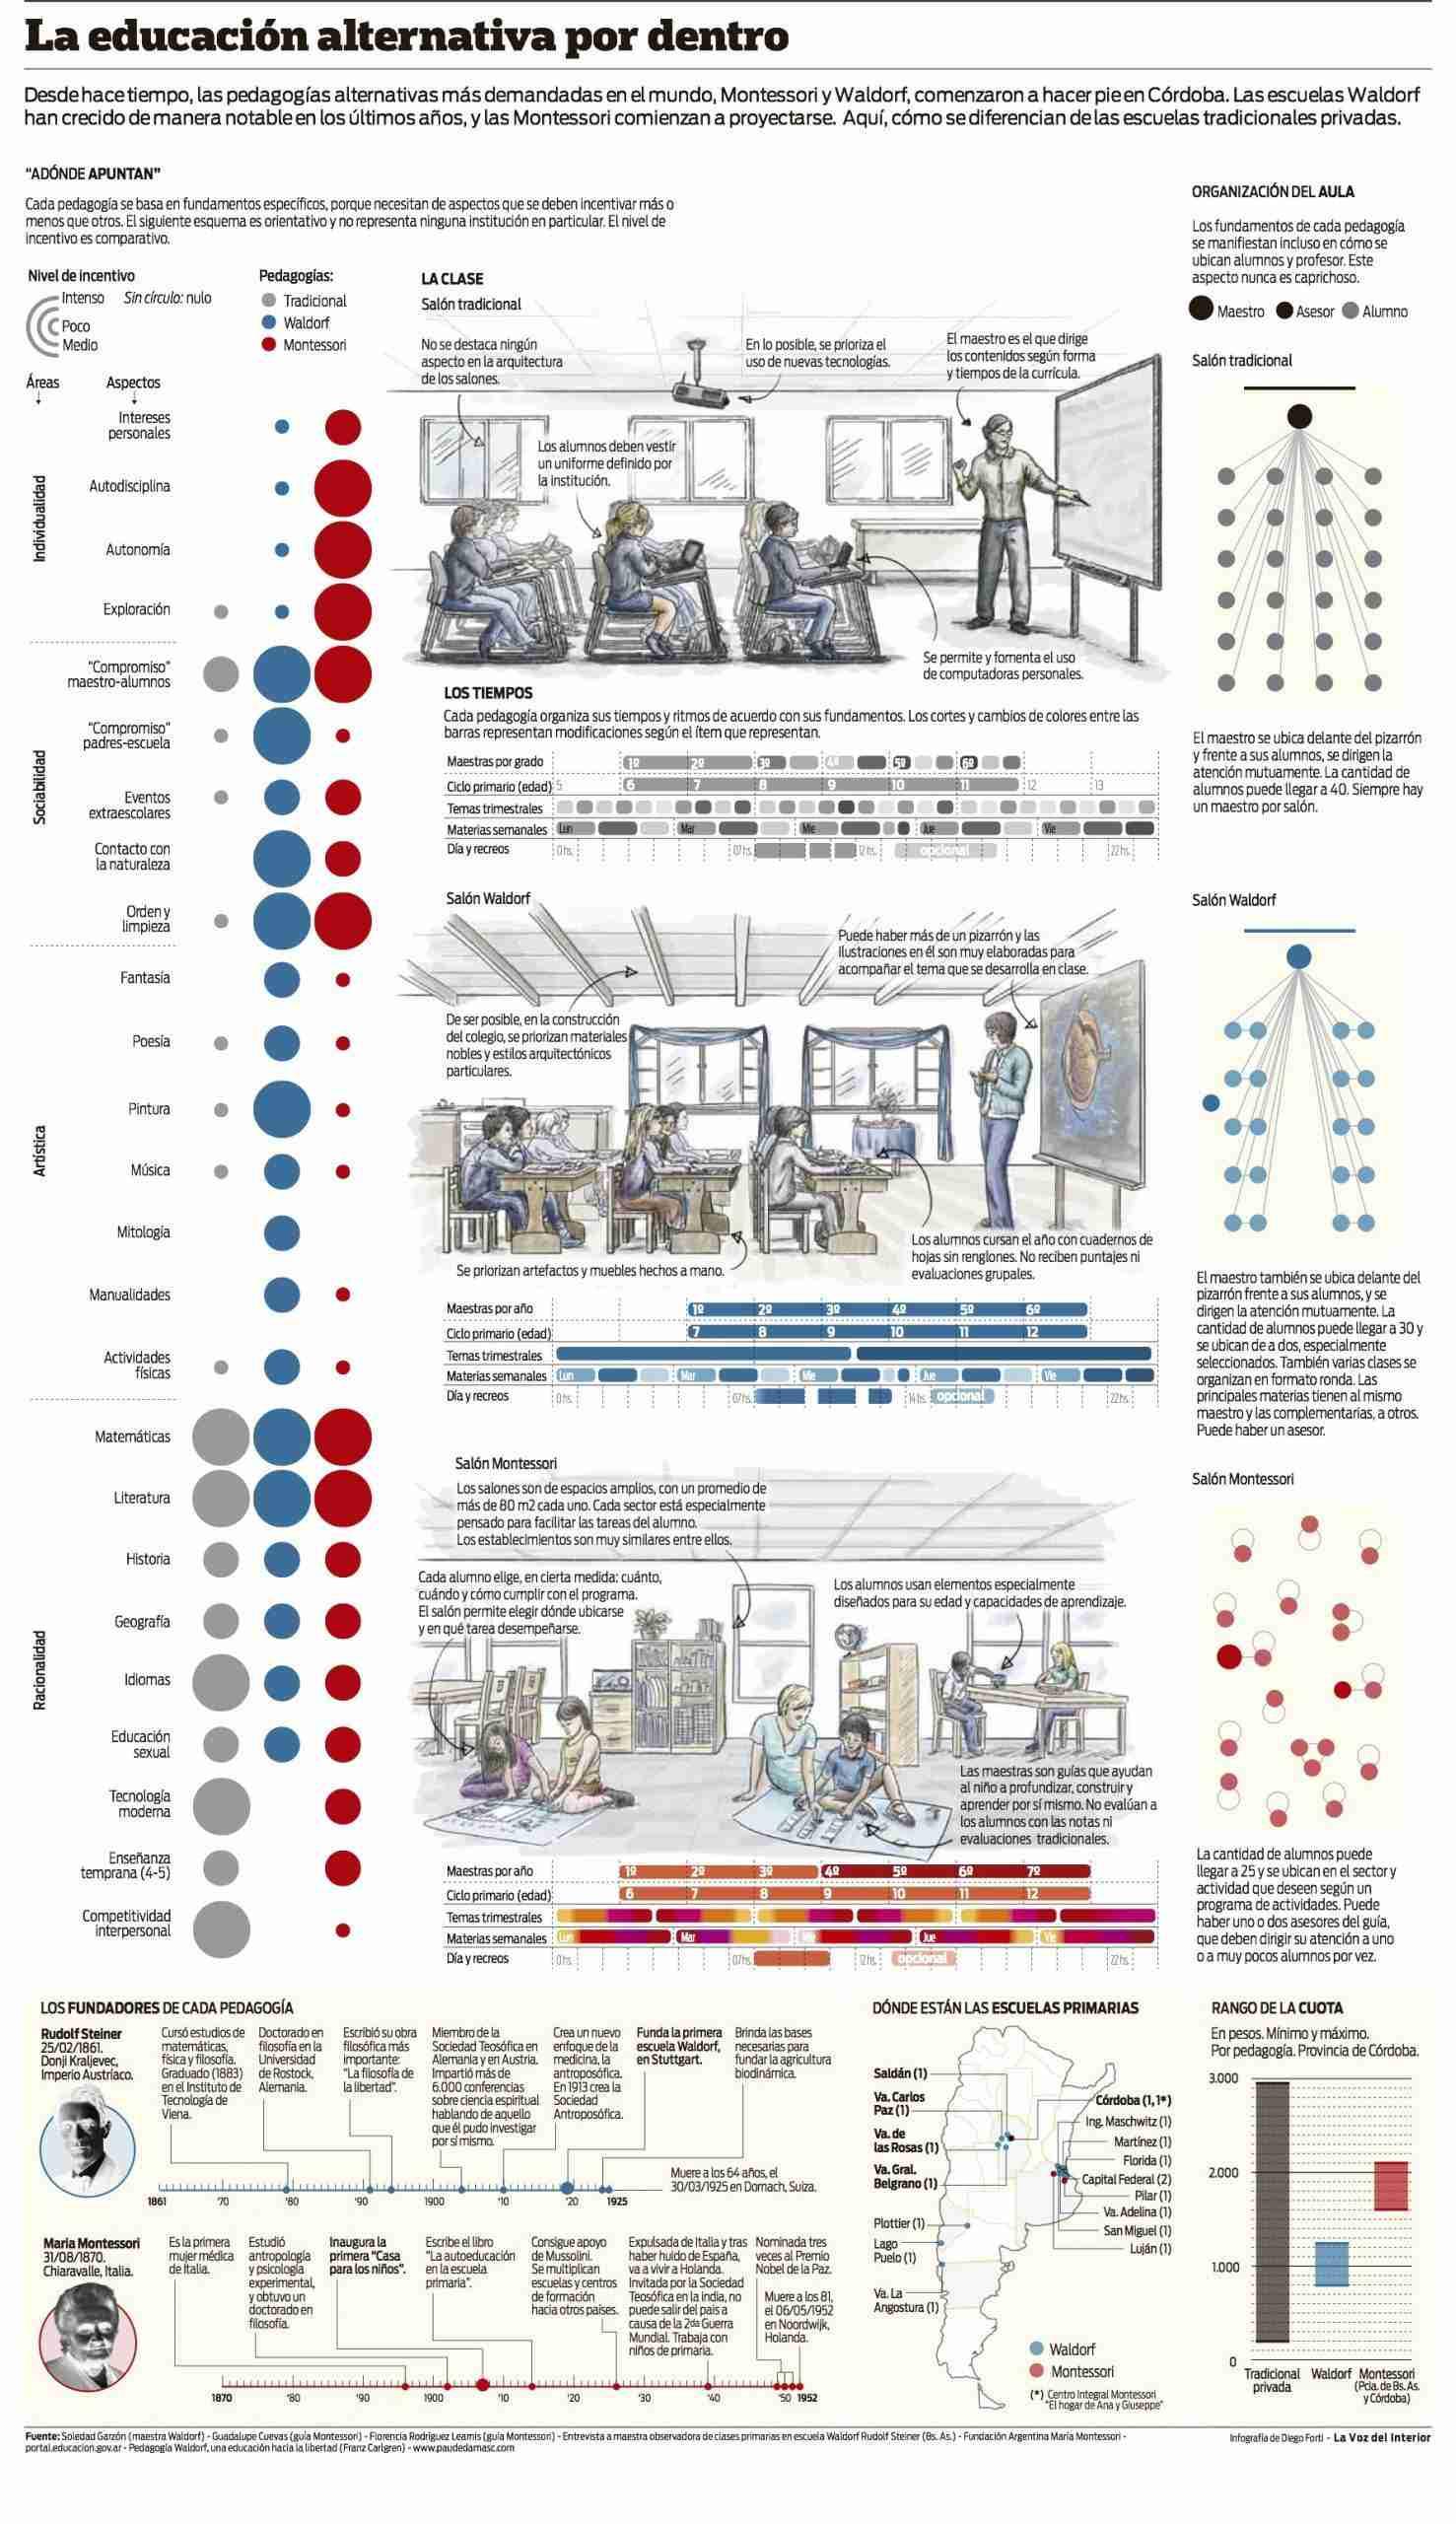 infografia_escuela_tradicional_vs_pedagogc3ada-waldorf_vs_metodo_montessori